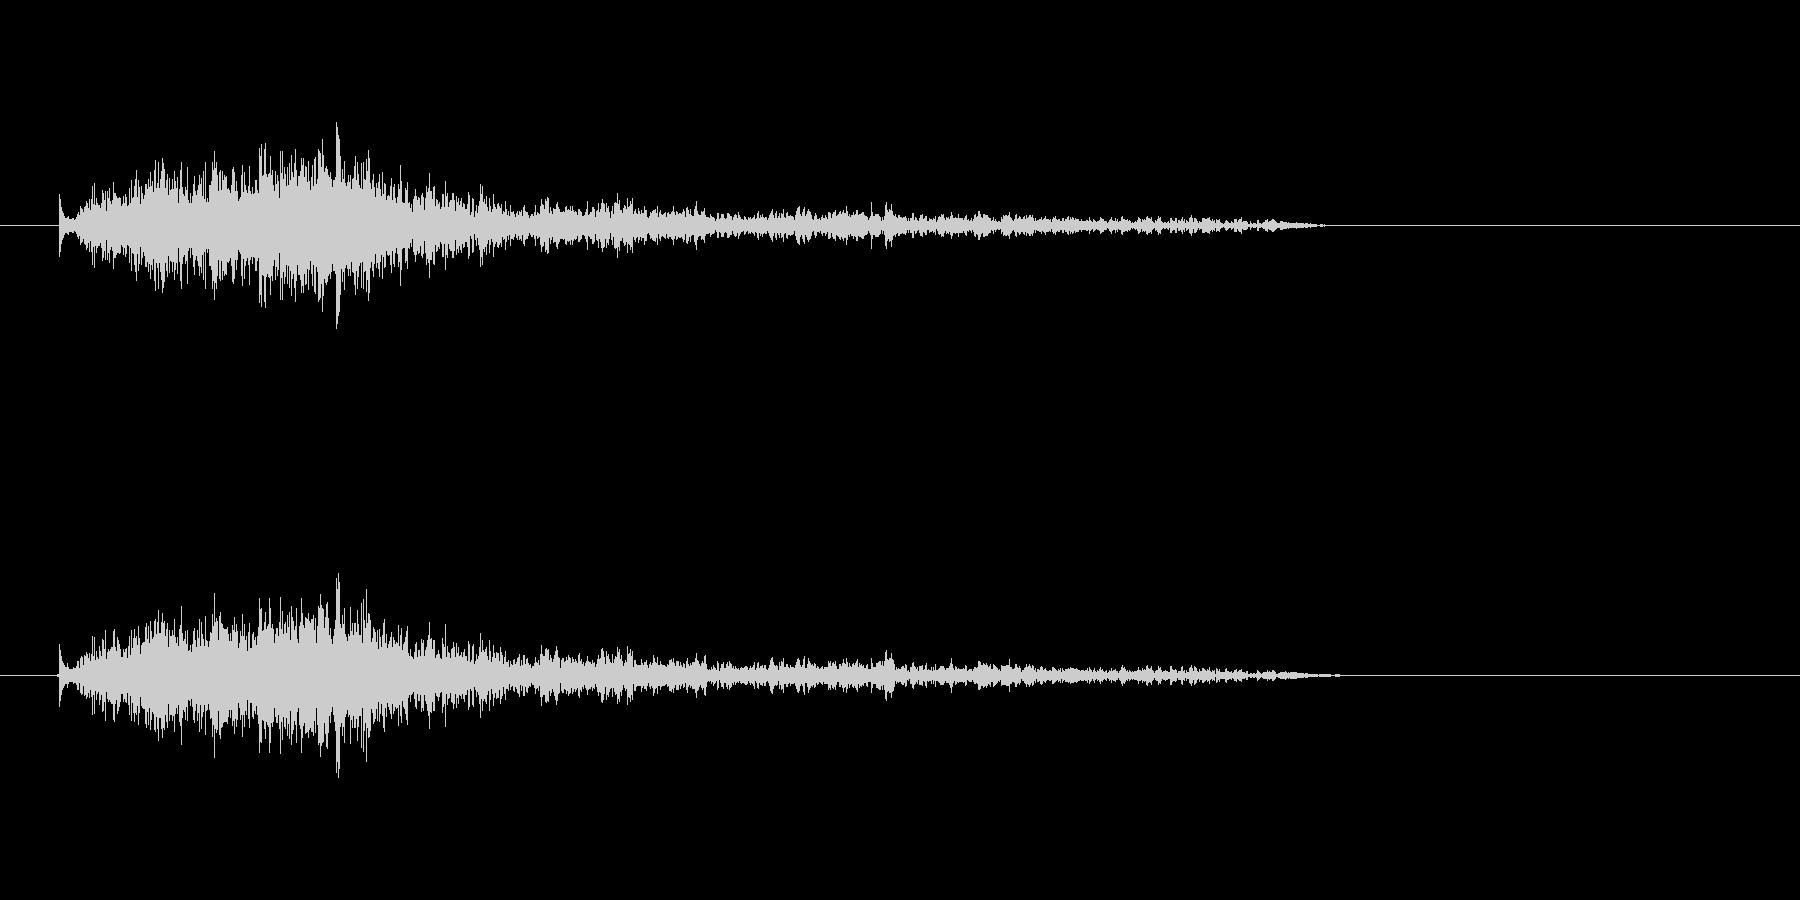 【モンスター01-8】の未再生の波形